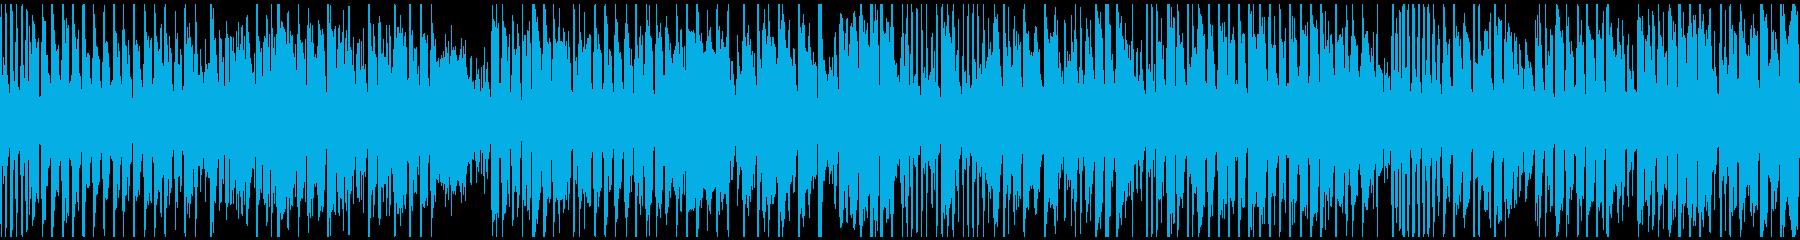 ブリブリした音色の爆速コメディ※ループ版の再生済みの波形